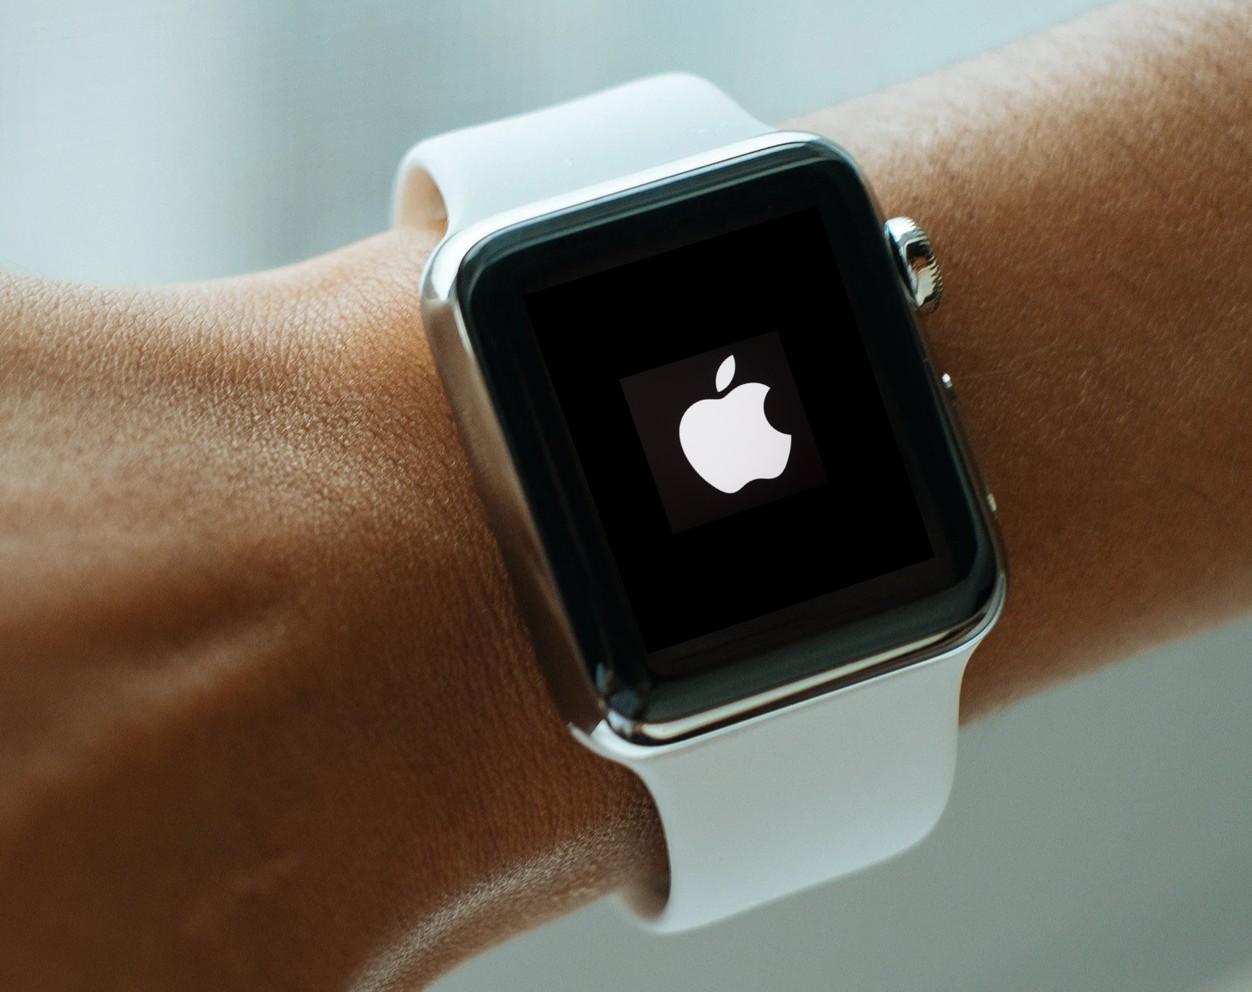 Apple Watch Series 7 станут еще полезнее. Они будут определять уровень сахара в крови